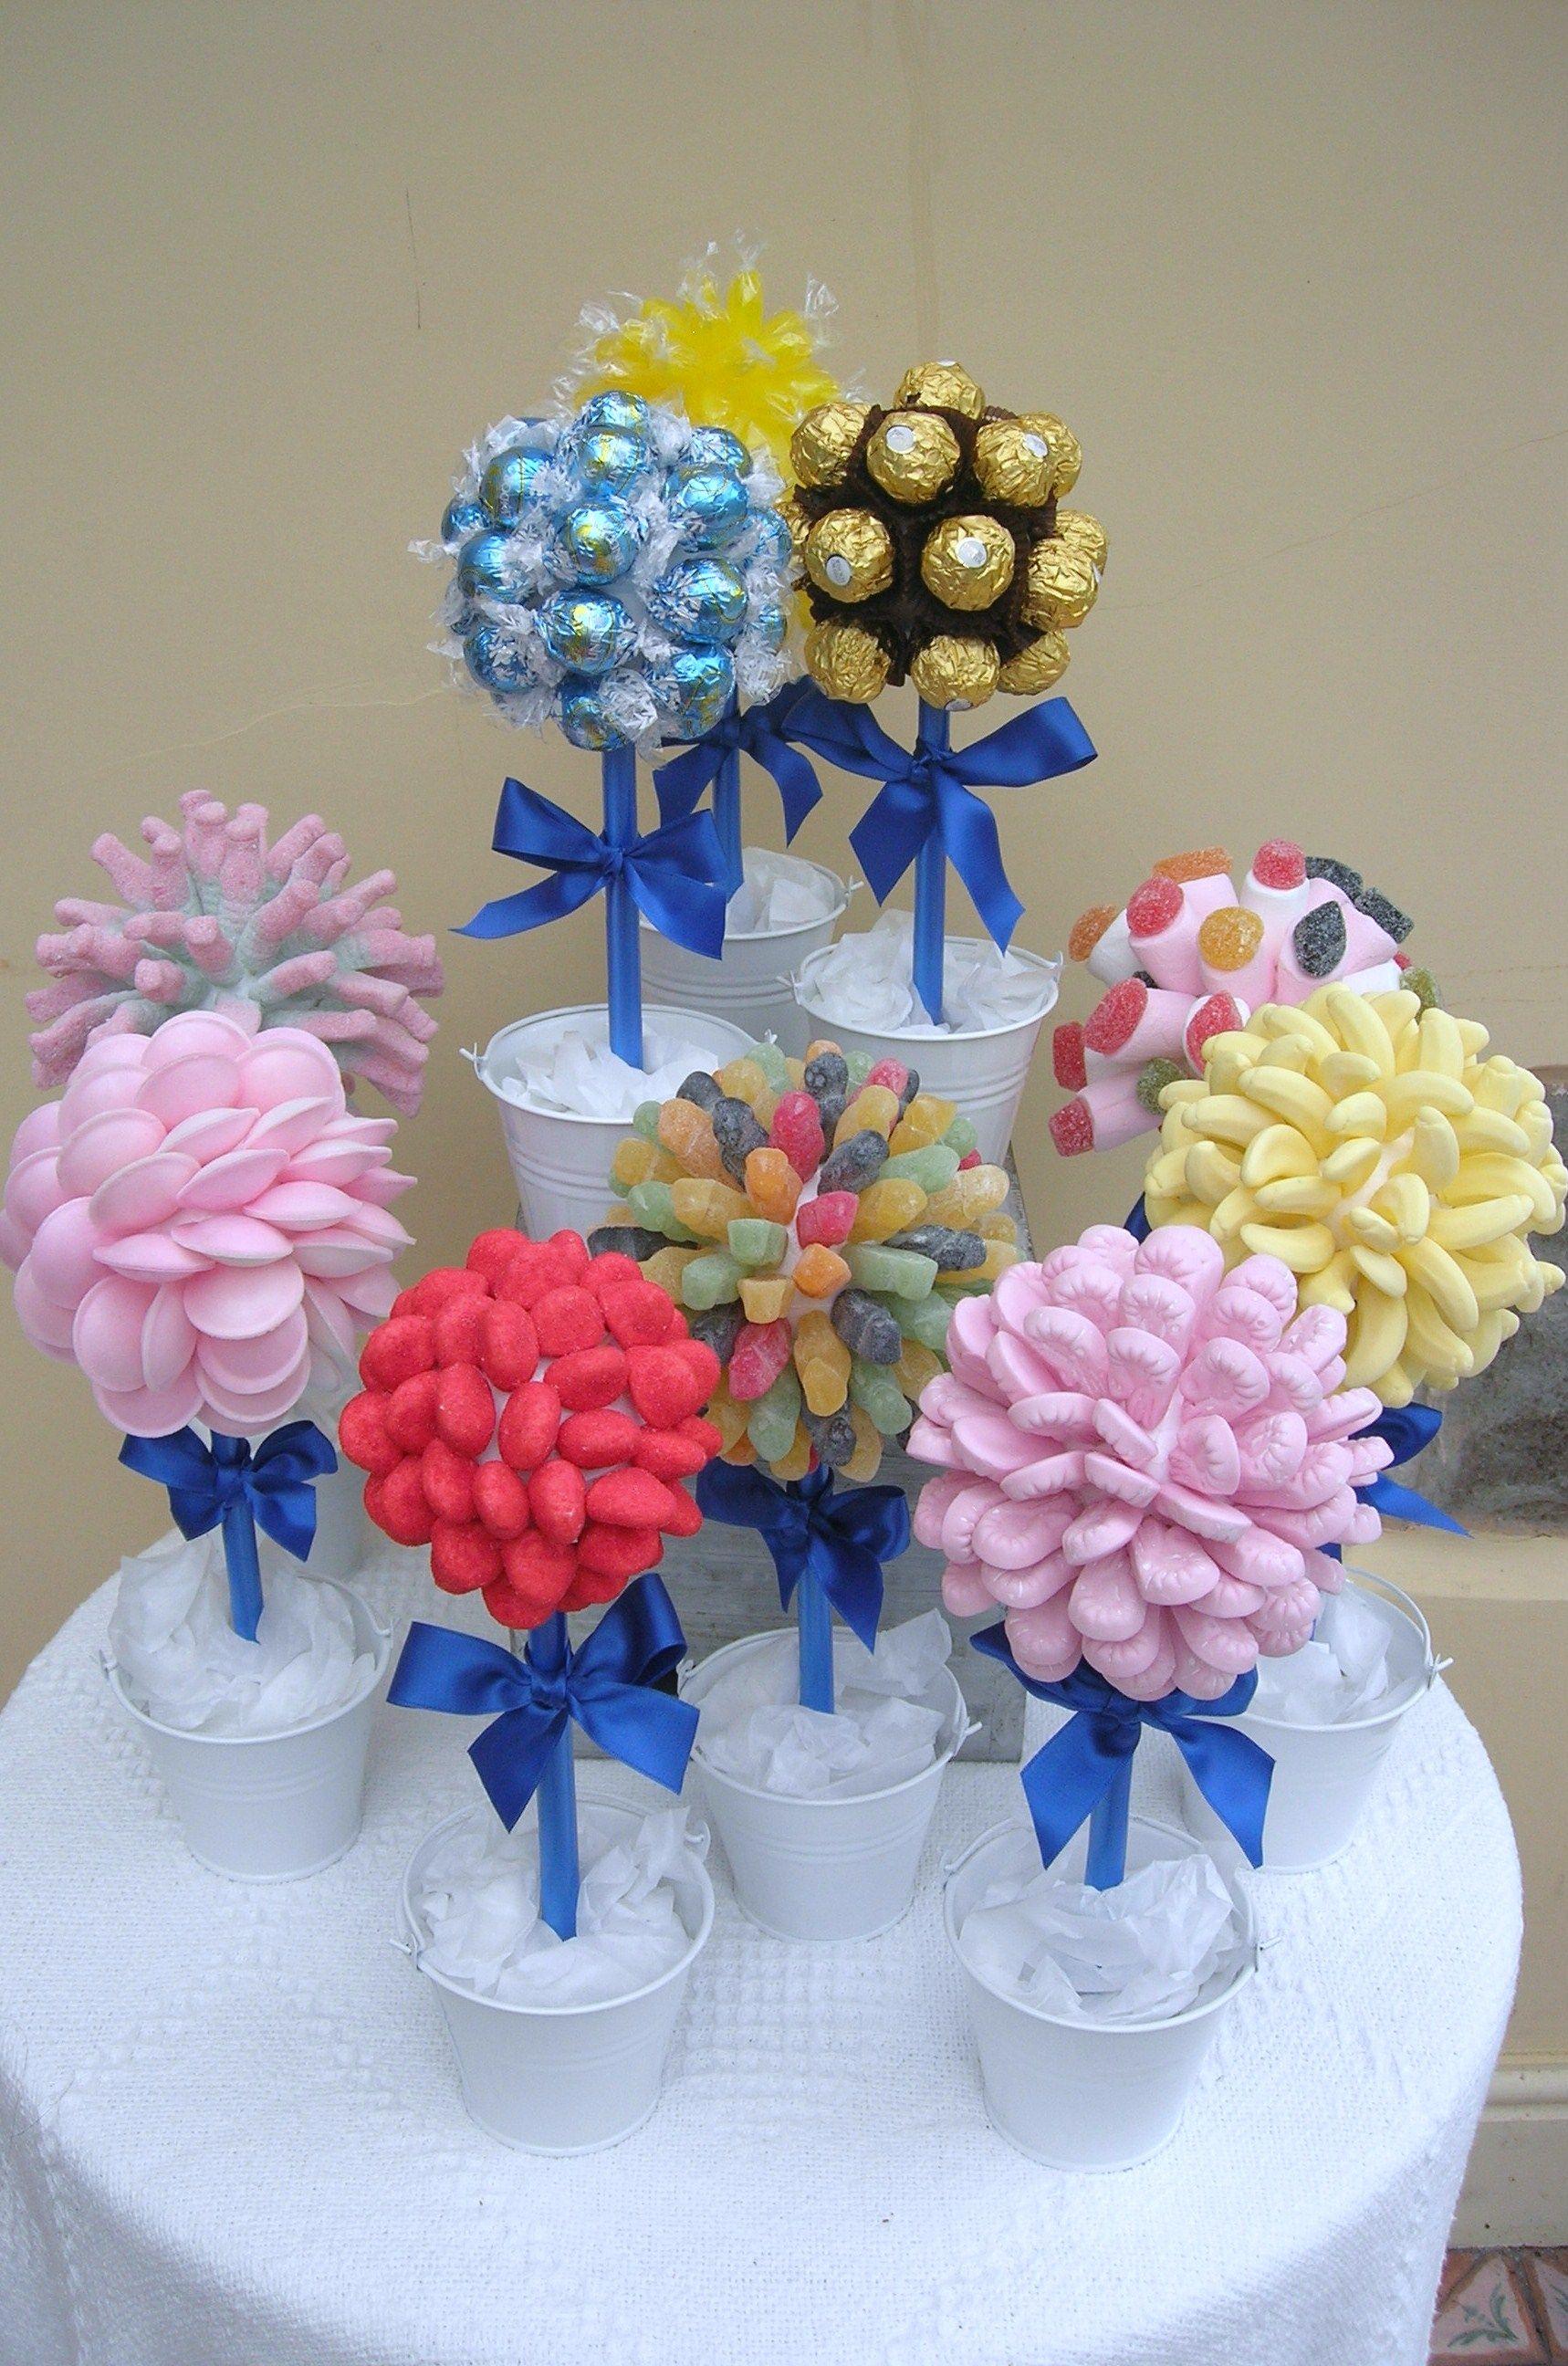 Pin de Jullyana Bastos em Festinhas | Árvores doces, Festas de aniversário  flor, Artesanato de doce